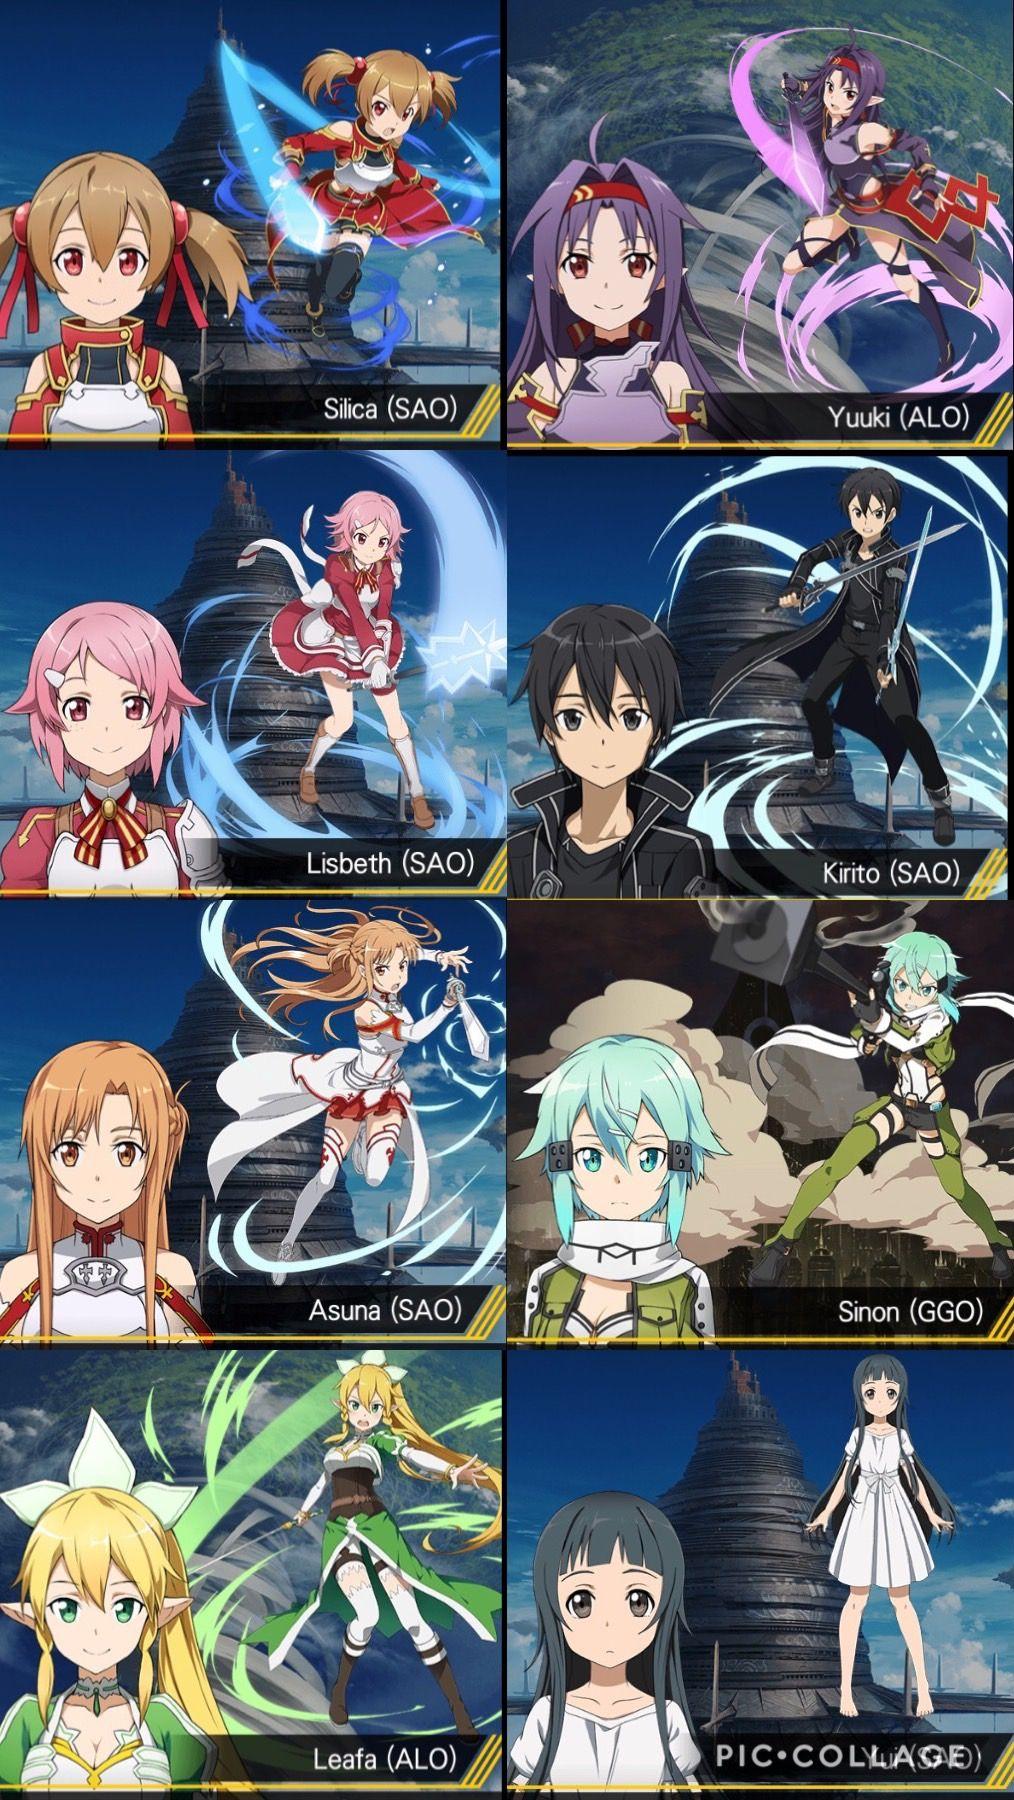 Sword art online characters | Sword art online | Sword art online